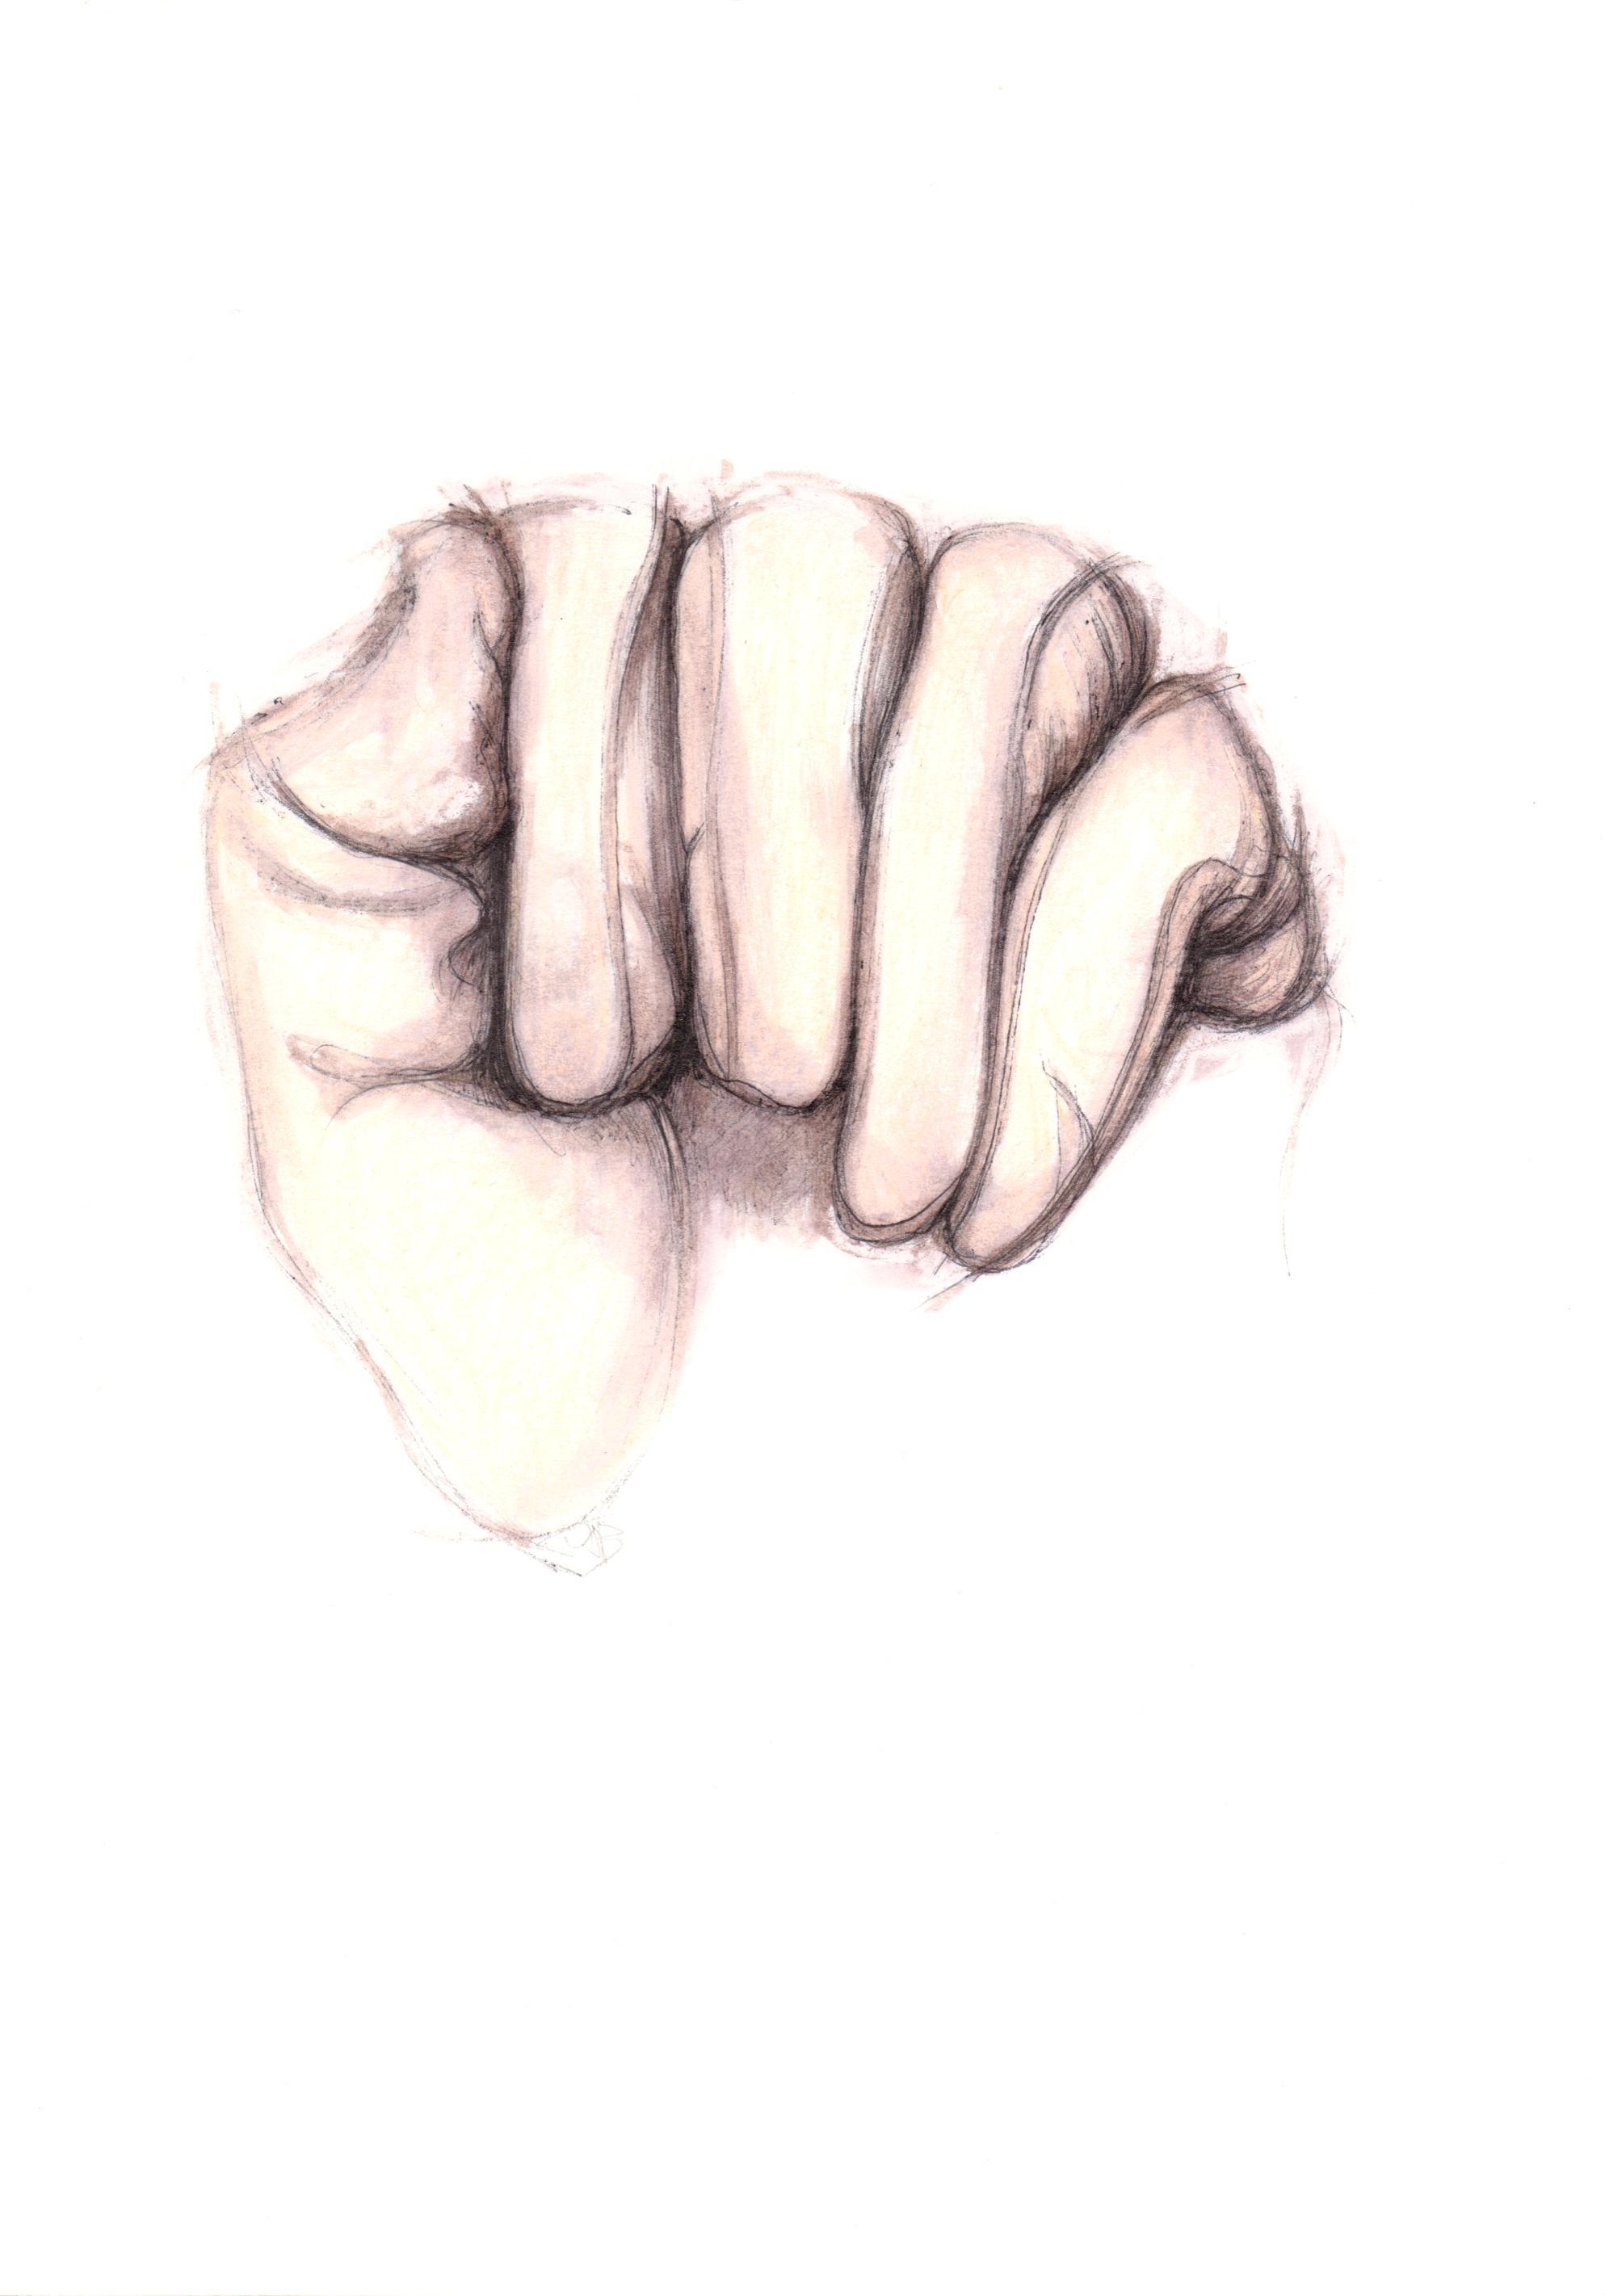 clasped glove 2